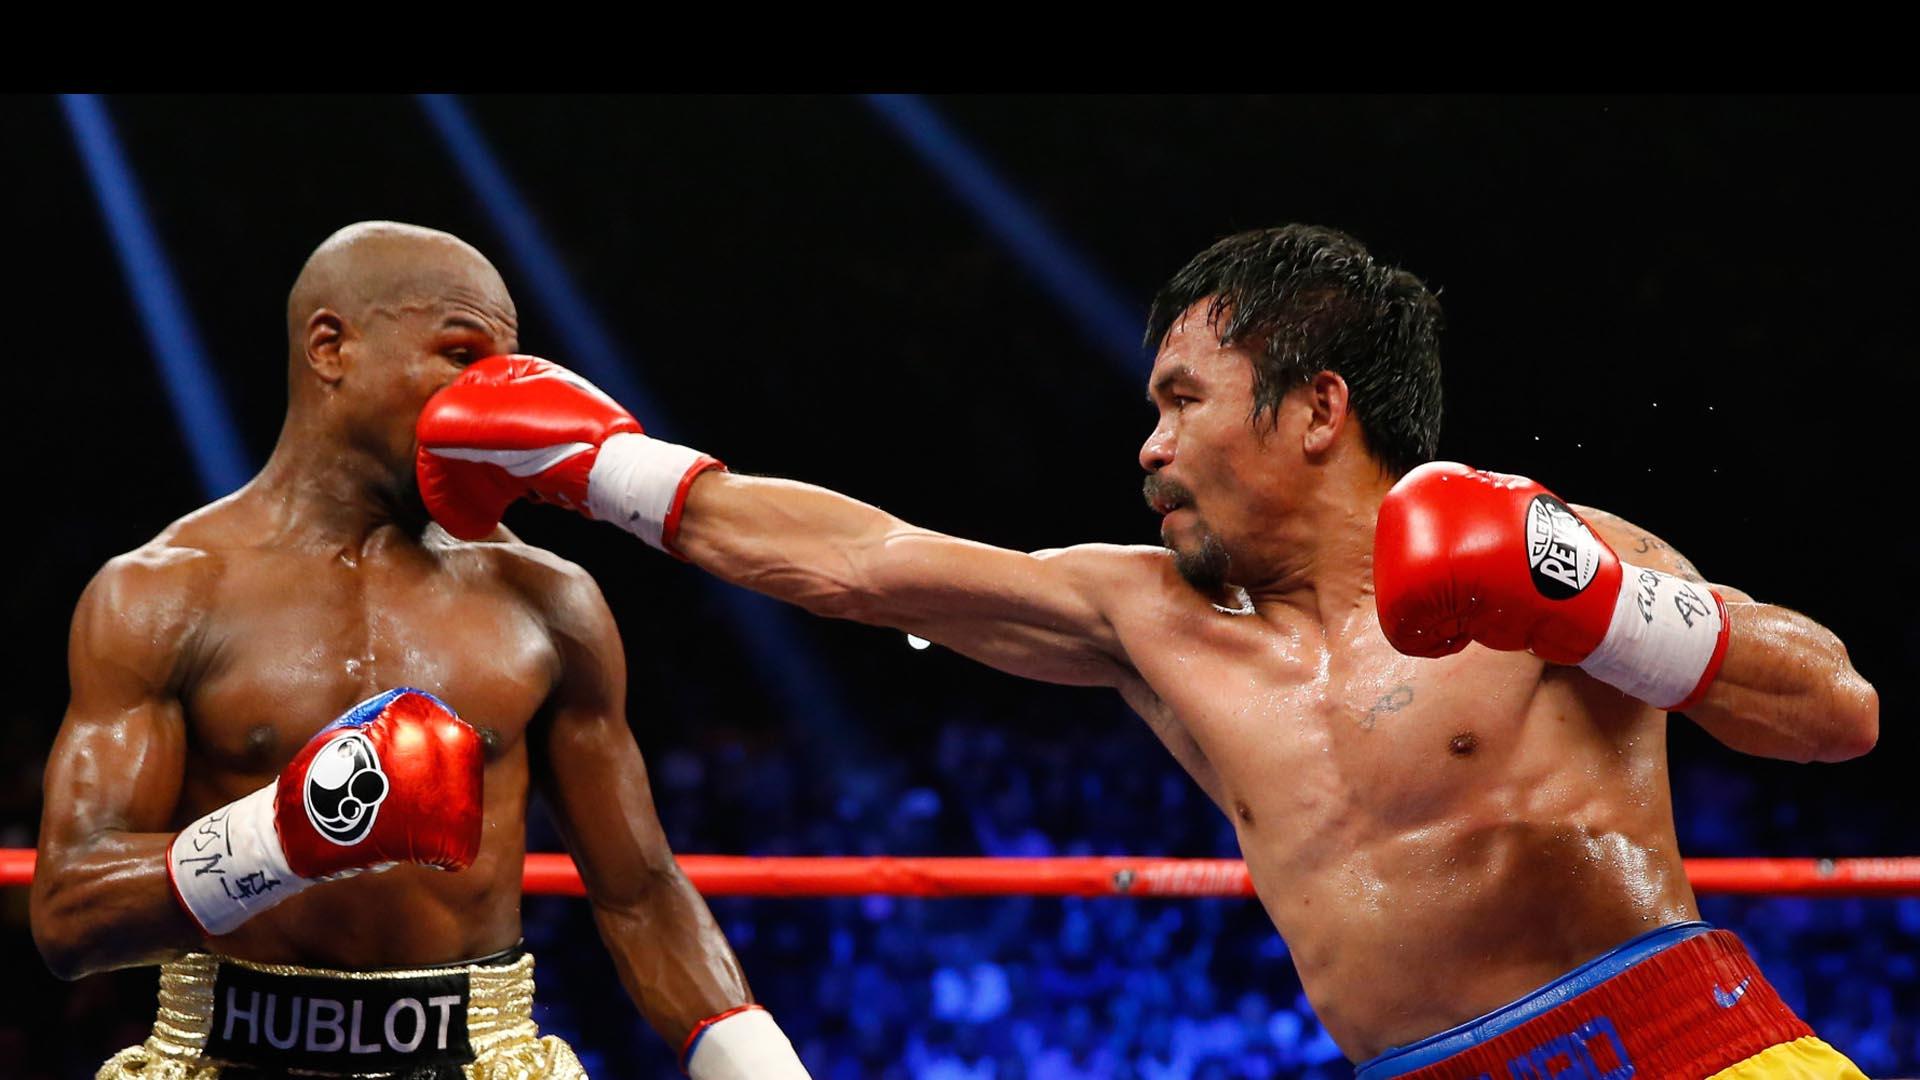 Dos de las principales federaciones del boxeo profesional la WBC y la FIB, prohibieron la participación de sus boxeadores en los JJ.OO